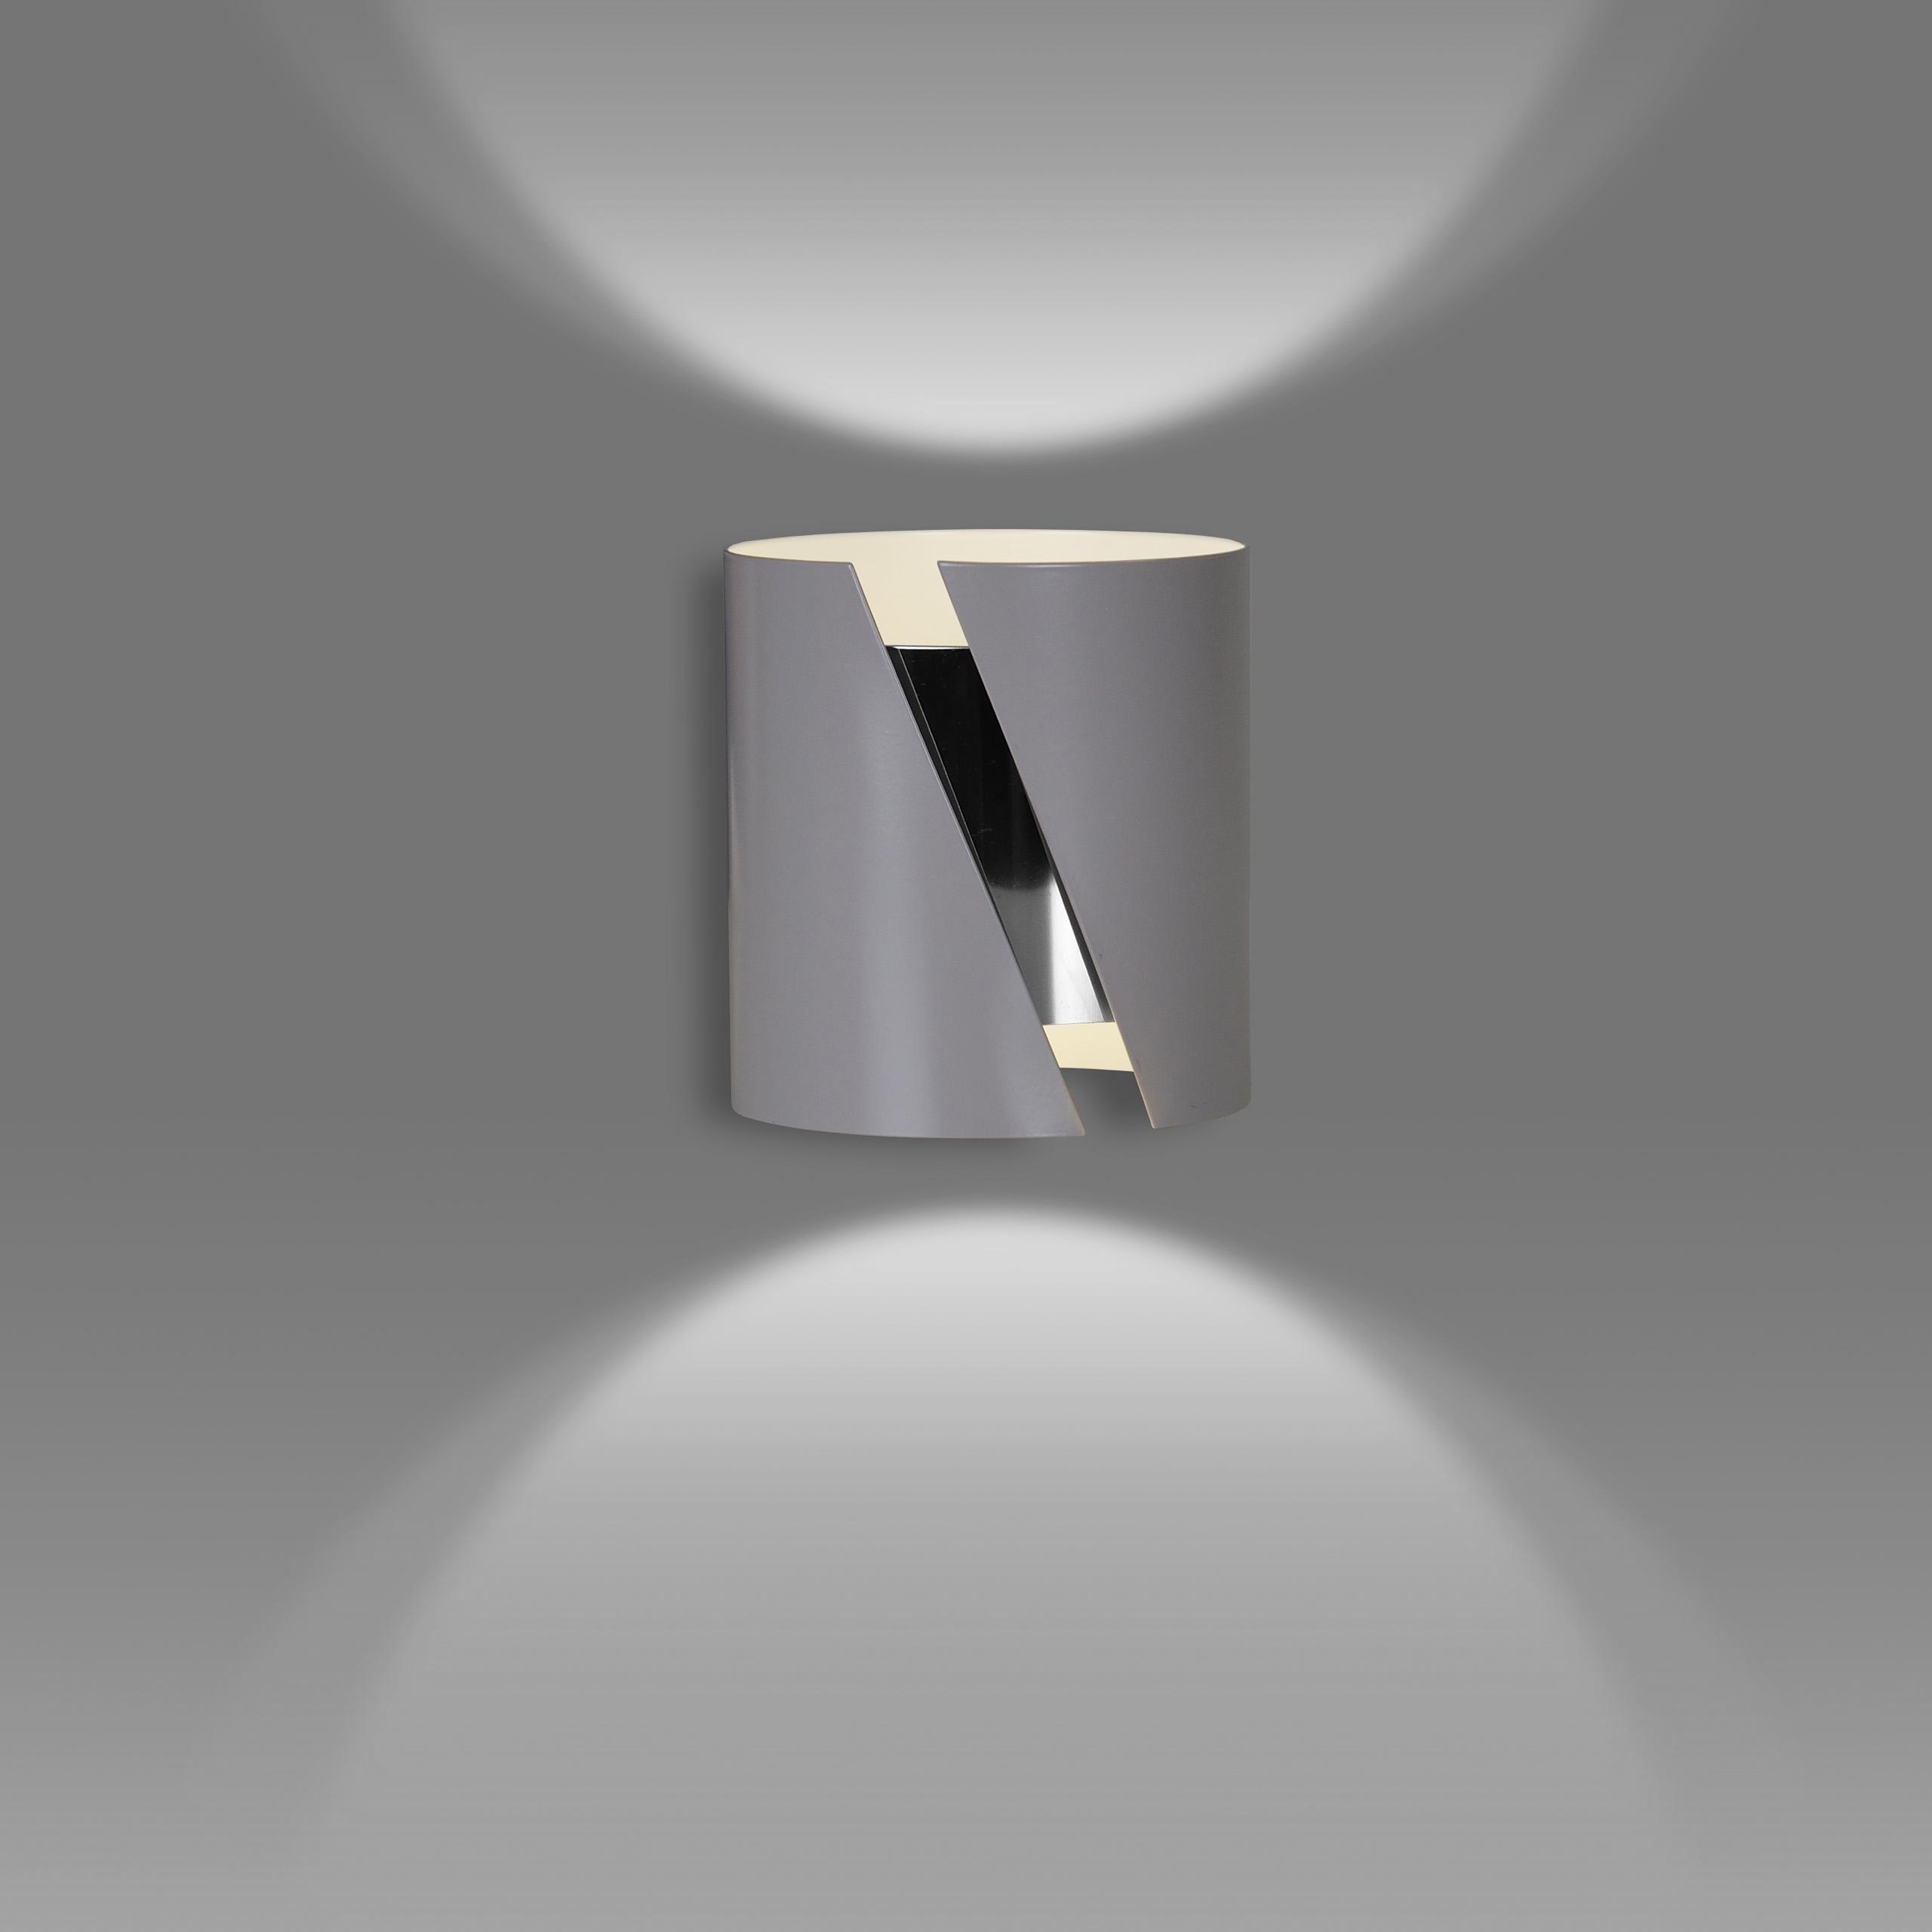 Wandleuchte Grau Metall Up Down Modernes Design G9